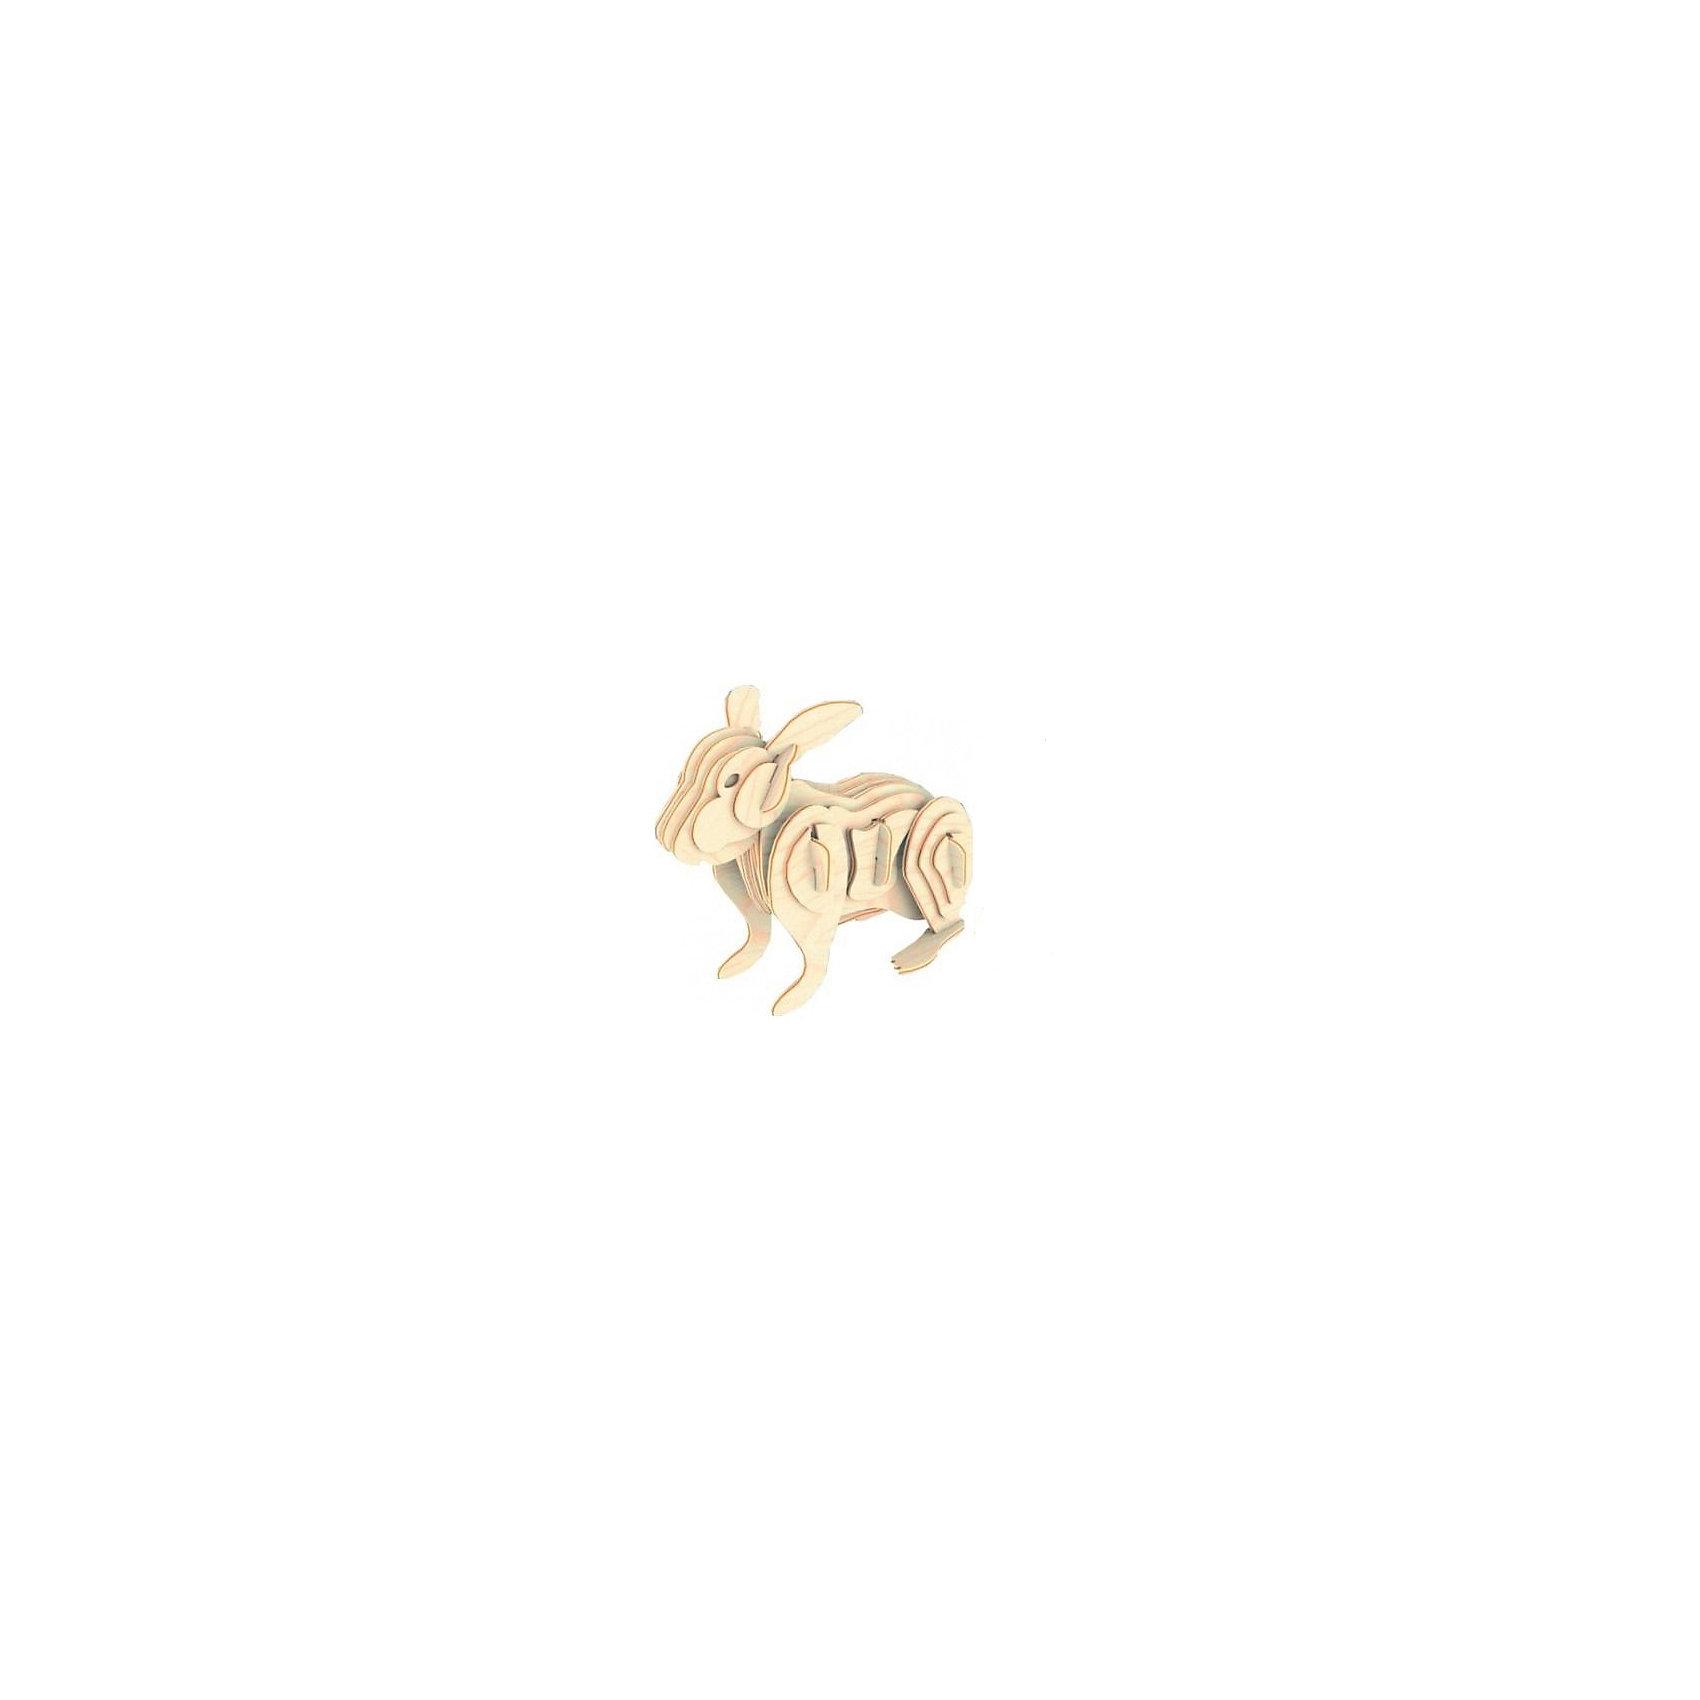 Кролик (серия М), Мир деревянных игрушекДеревянные модели<br>Отличный вариант подарка для творческого ребенка - этот набор, из которого можно самому сделать красивую деревянную фигуру! Специально для любящих творчество и интересующихся животным миром были разработаны эти 3D-пазлы. Из них получаются красивые очень реалистичные фигуры, которые могут стать украшением комнаты. Для этого нужно выдавить из пластины с деталями элементы для сборки и соединить их. <br>Собирая их, ребенок будет учиться соотносить фигуры, развивать пространственное мышление, память и мелкую моторику. А раскрашивая готовое произведение, дети научатся подбирать цвета и будут развивать художественные навыки. Этот набор произведен из качественных и безопасных для детей материалов - дерево тщательно обработано.<br><br>Дополнительная информация:<br><br>материал: дерево;<br>цвет: бежевый;<br>элементы: пластины с деталями для сборки;<br>размер упаковки: 23 х 18 см.<br><br>3D-пазл Кролик (серия М) от бренда Мир деревянных игрушек можно купить в нашем магазине.<br><br>Ширина мм: 225<br>Глубина мм: 30<br>Высота мм: 180<br>Вес г: 450<br>Возраст от месяцев: 36<br>Возраст до месяцев: 144<br>Пол: Унисекс<br>Возраст: Детский<br>SKU: 4969061